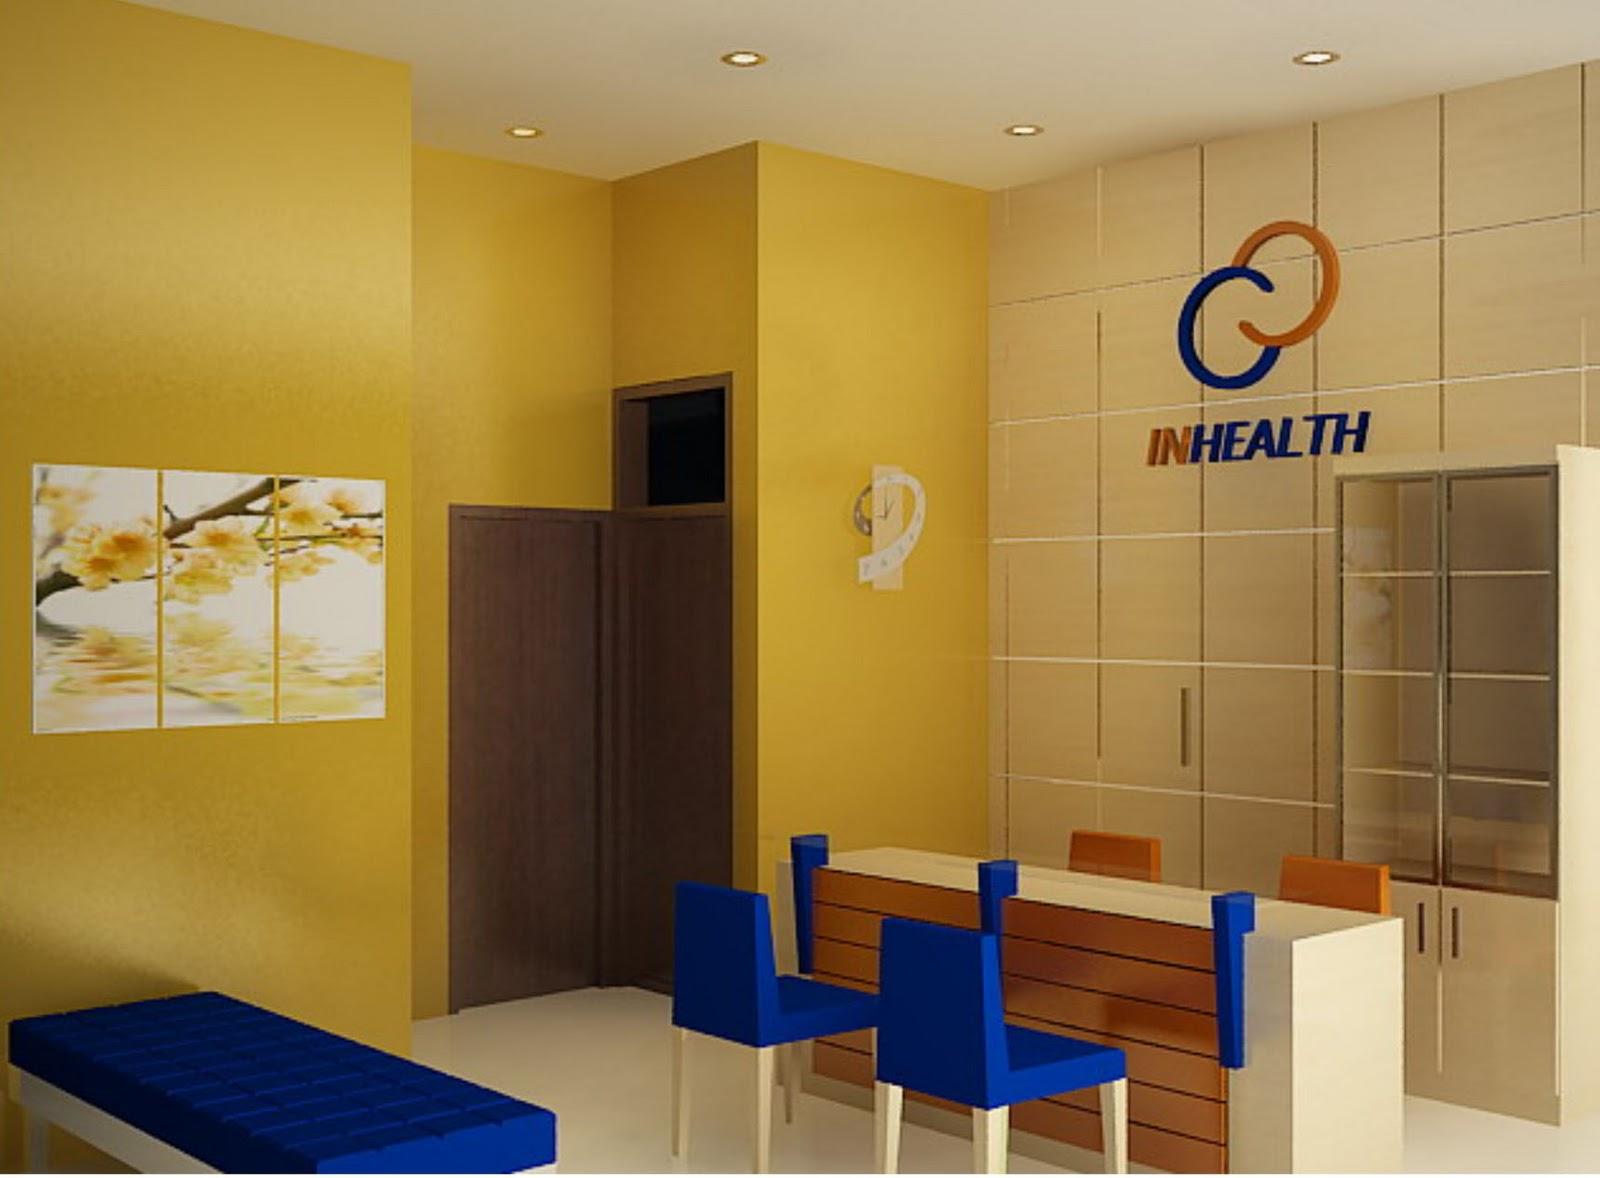 Lowongan Kerja Asuransi Jiwa InHealth Februari 2013